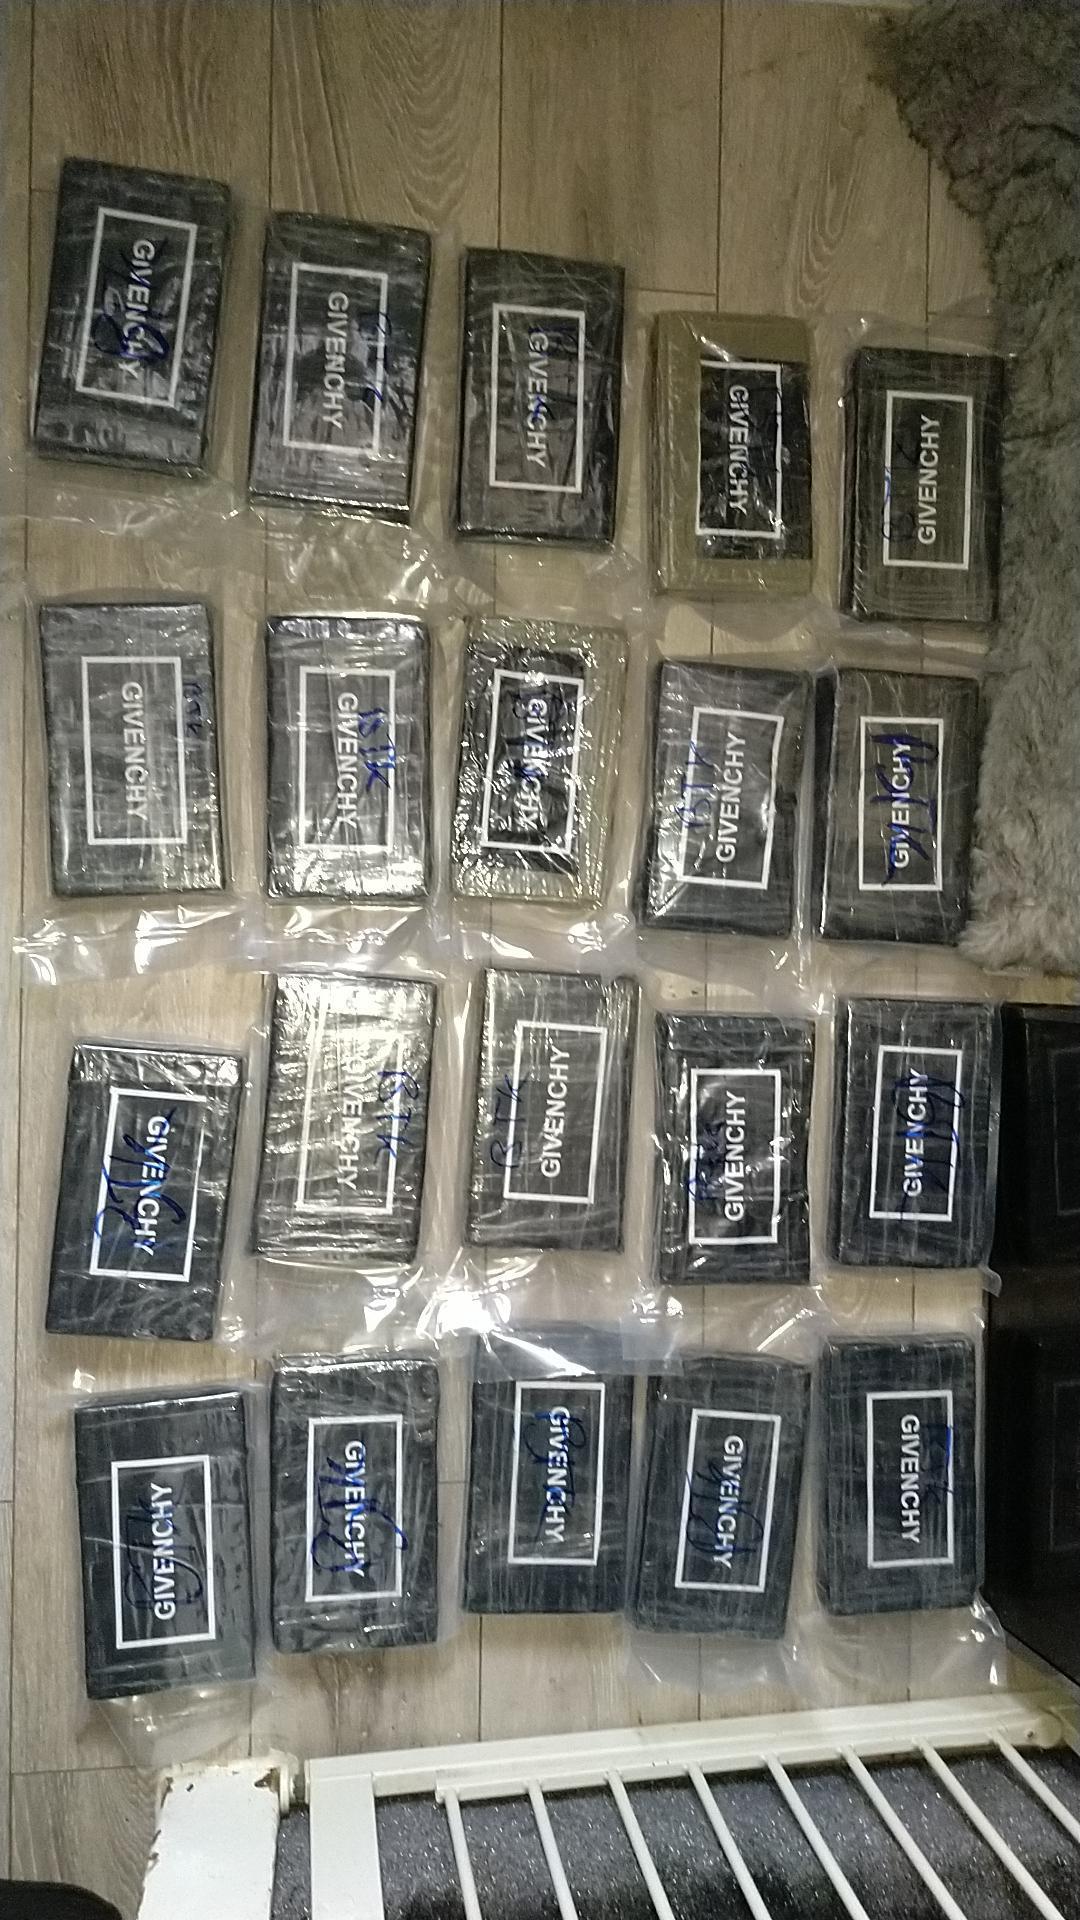 Drugs in packages on floor